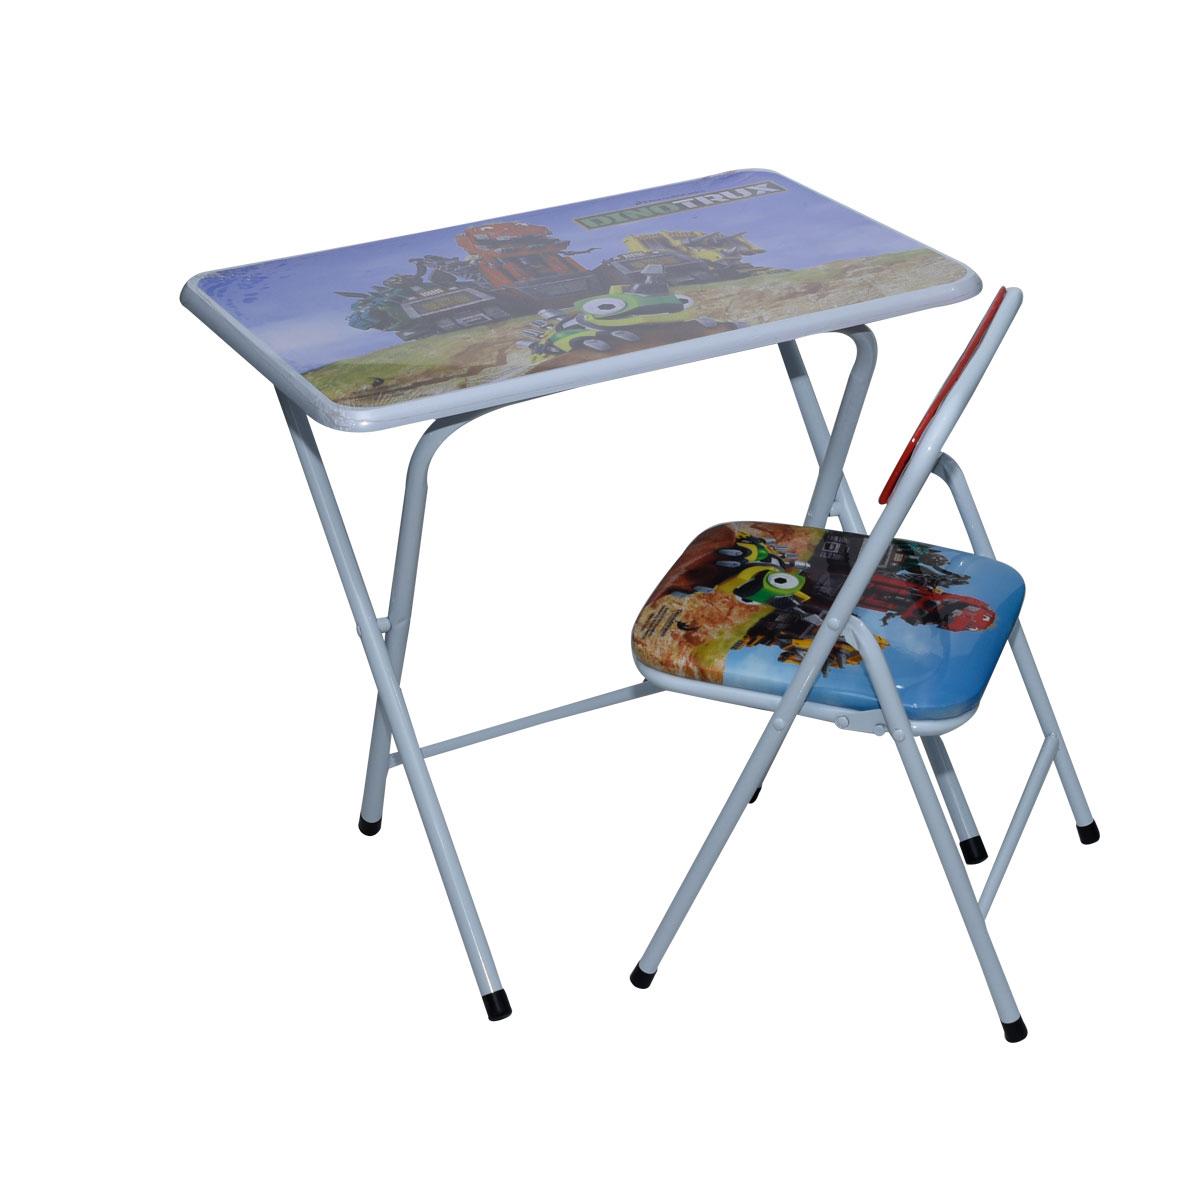 طاولة اطفال مدرسية دينو تركس خشب بقواعد من الحديد + كرسي